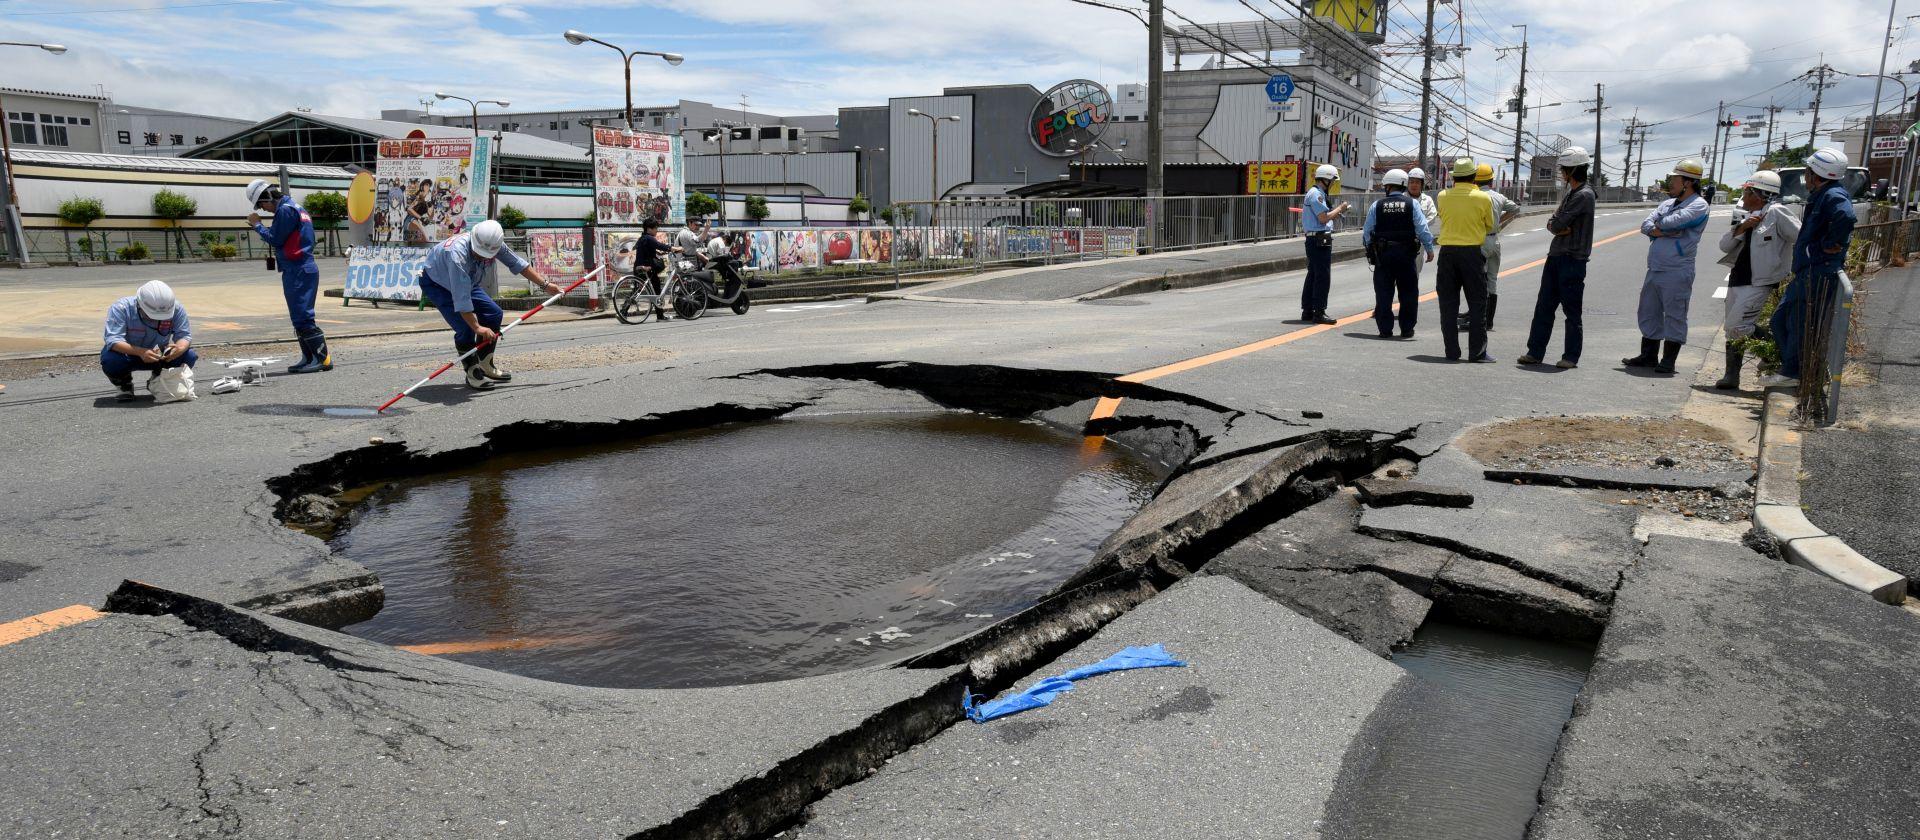 Potres u Japanu odnio tri života, više od 200 ozlijđenih